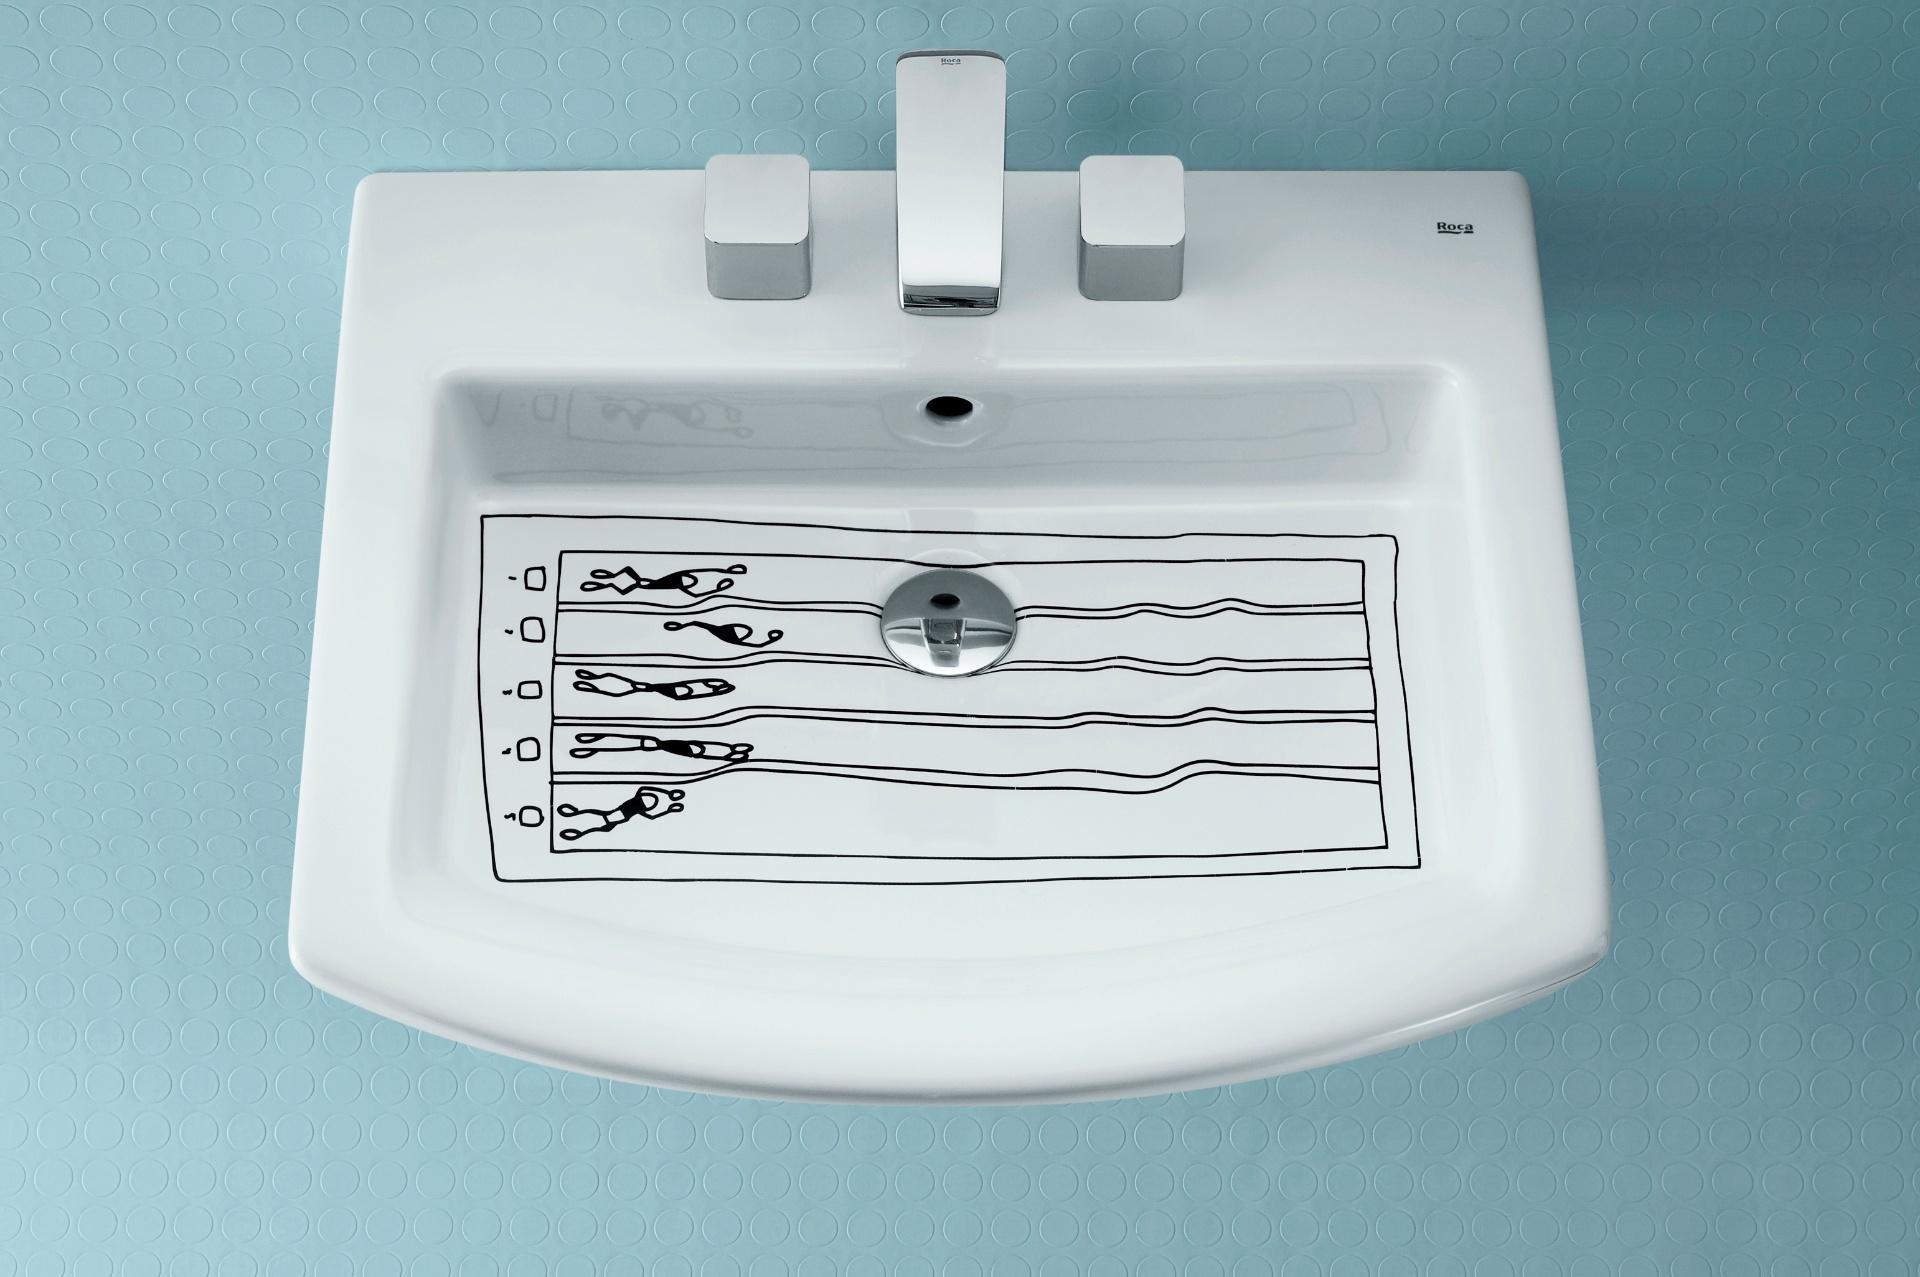 Louças e metais para banheiros  Casa e Decoração  UOL Mulher -> Cuba Para Banheiro Electra